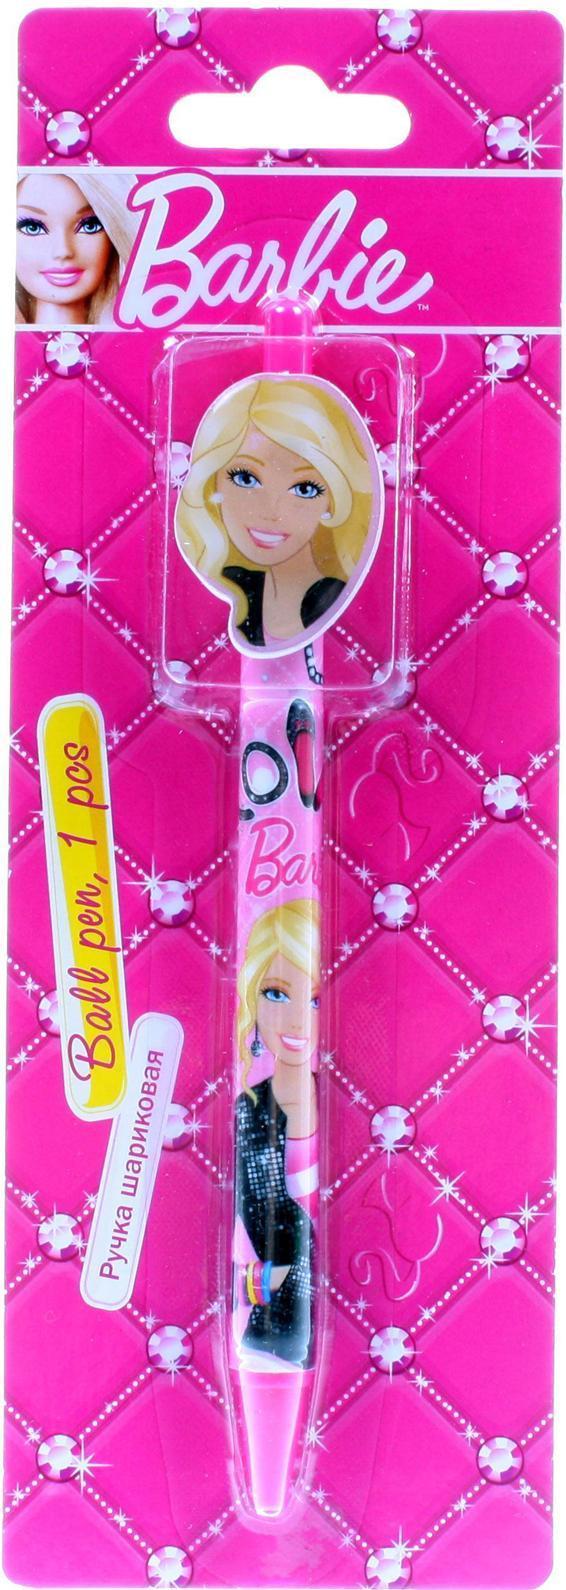 Ручка шариковая с фигурным клипом в блистере. Barbie72523WDЦвет: розовый. Материал: Пластик, . Поверхность: Бумага. Упаковка: Блистер.